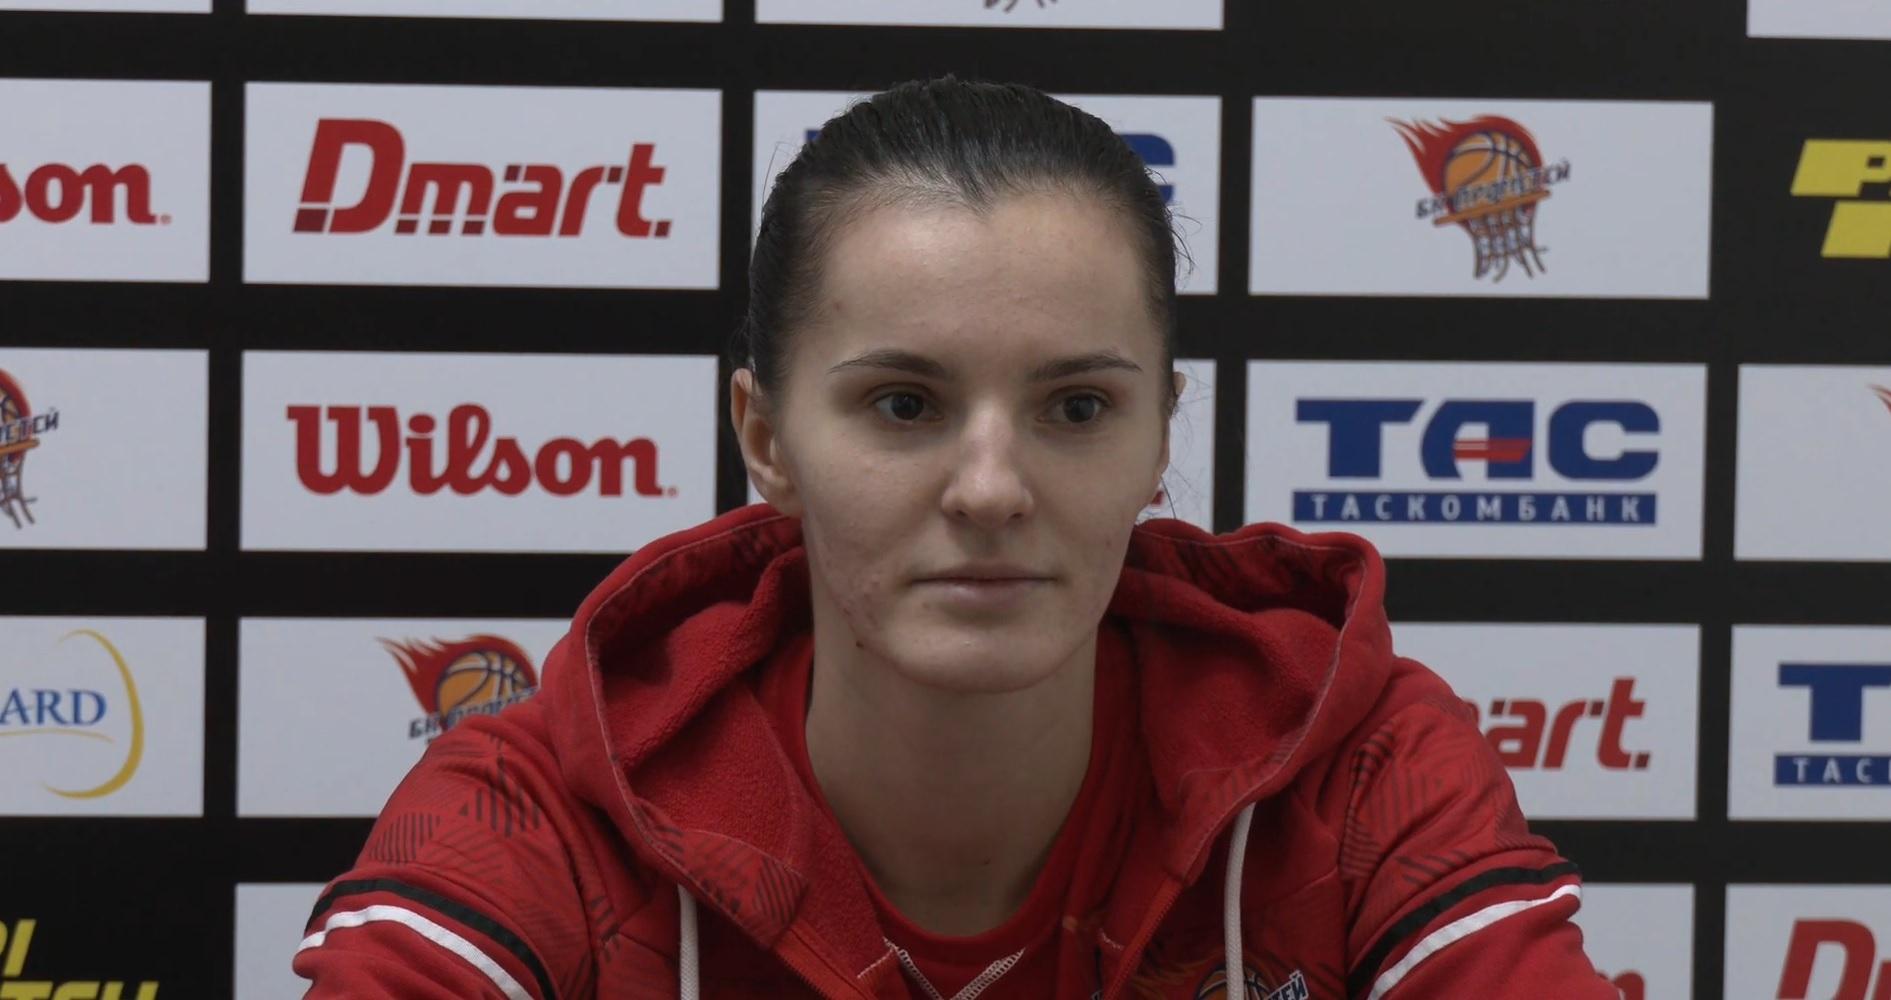 Жіночі Прометей та Київ-Баскет вдало провели перші матчі в цьому році, Динамо виграло у вінничанок: відео коментарів